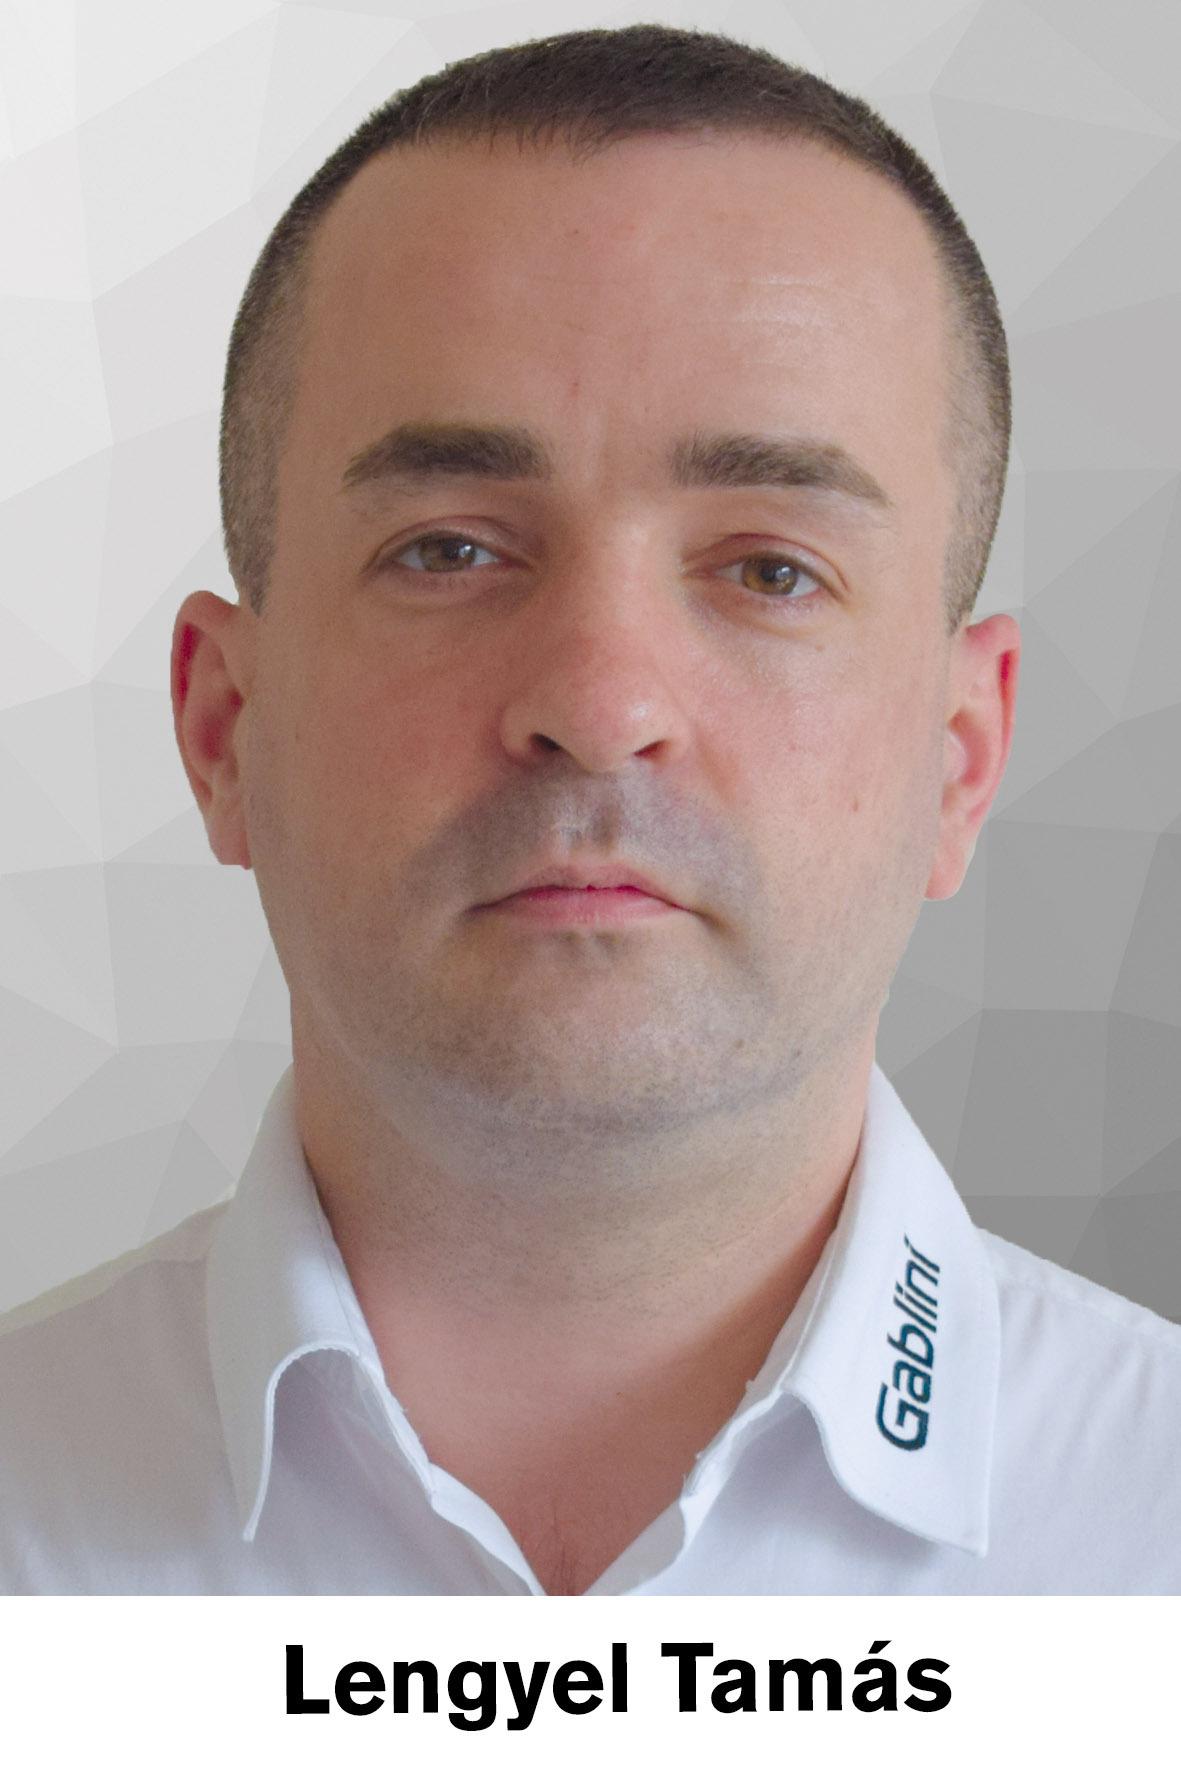 Lengyel Tamás György